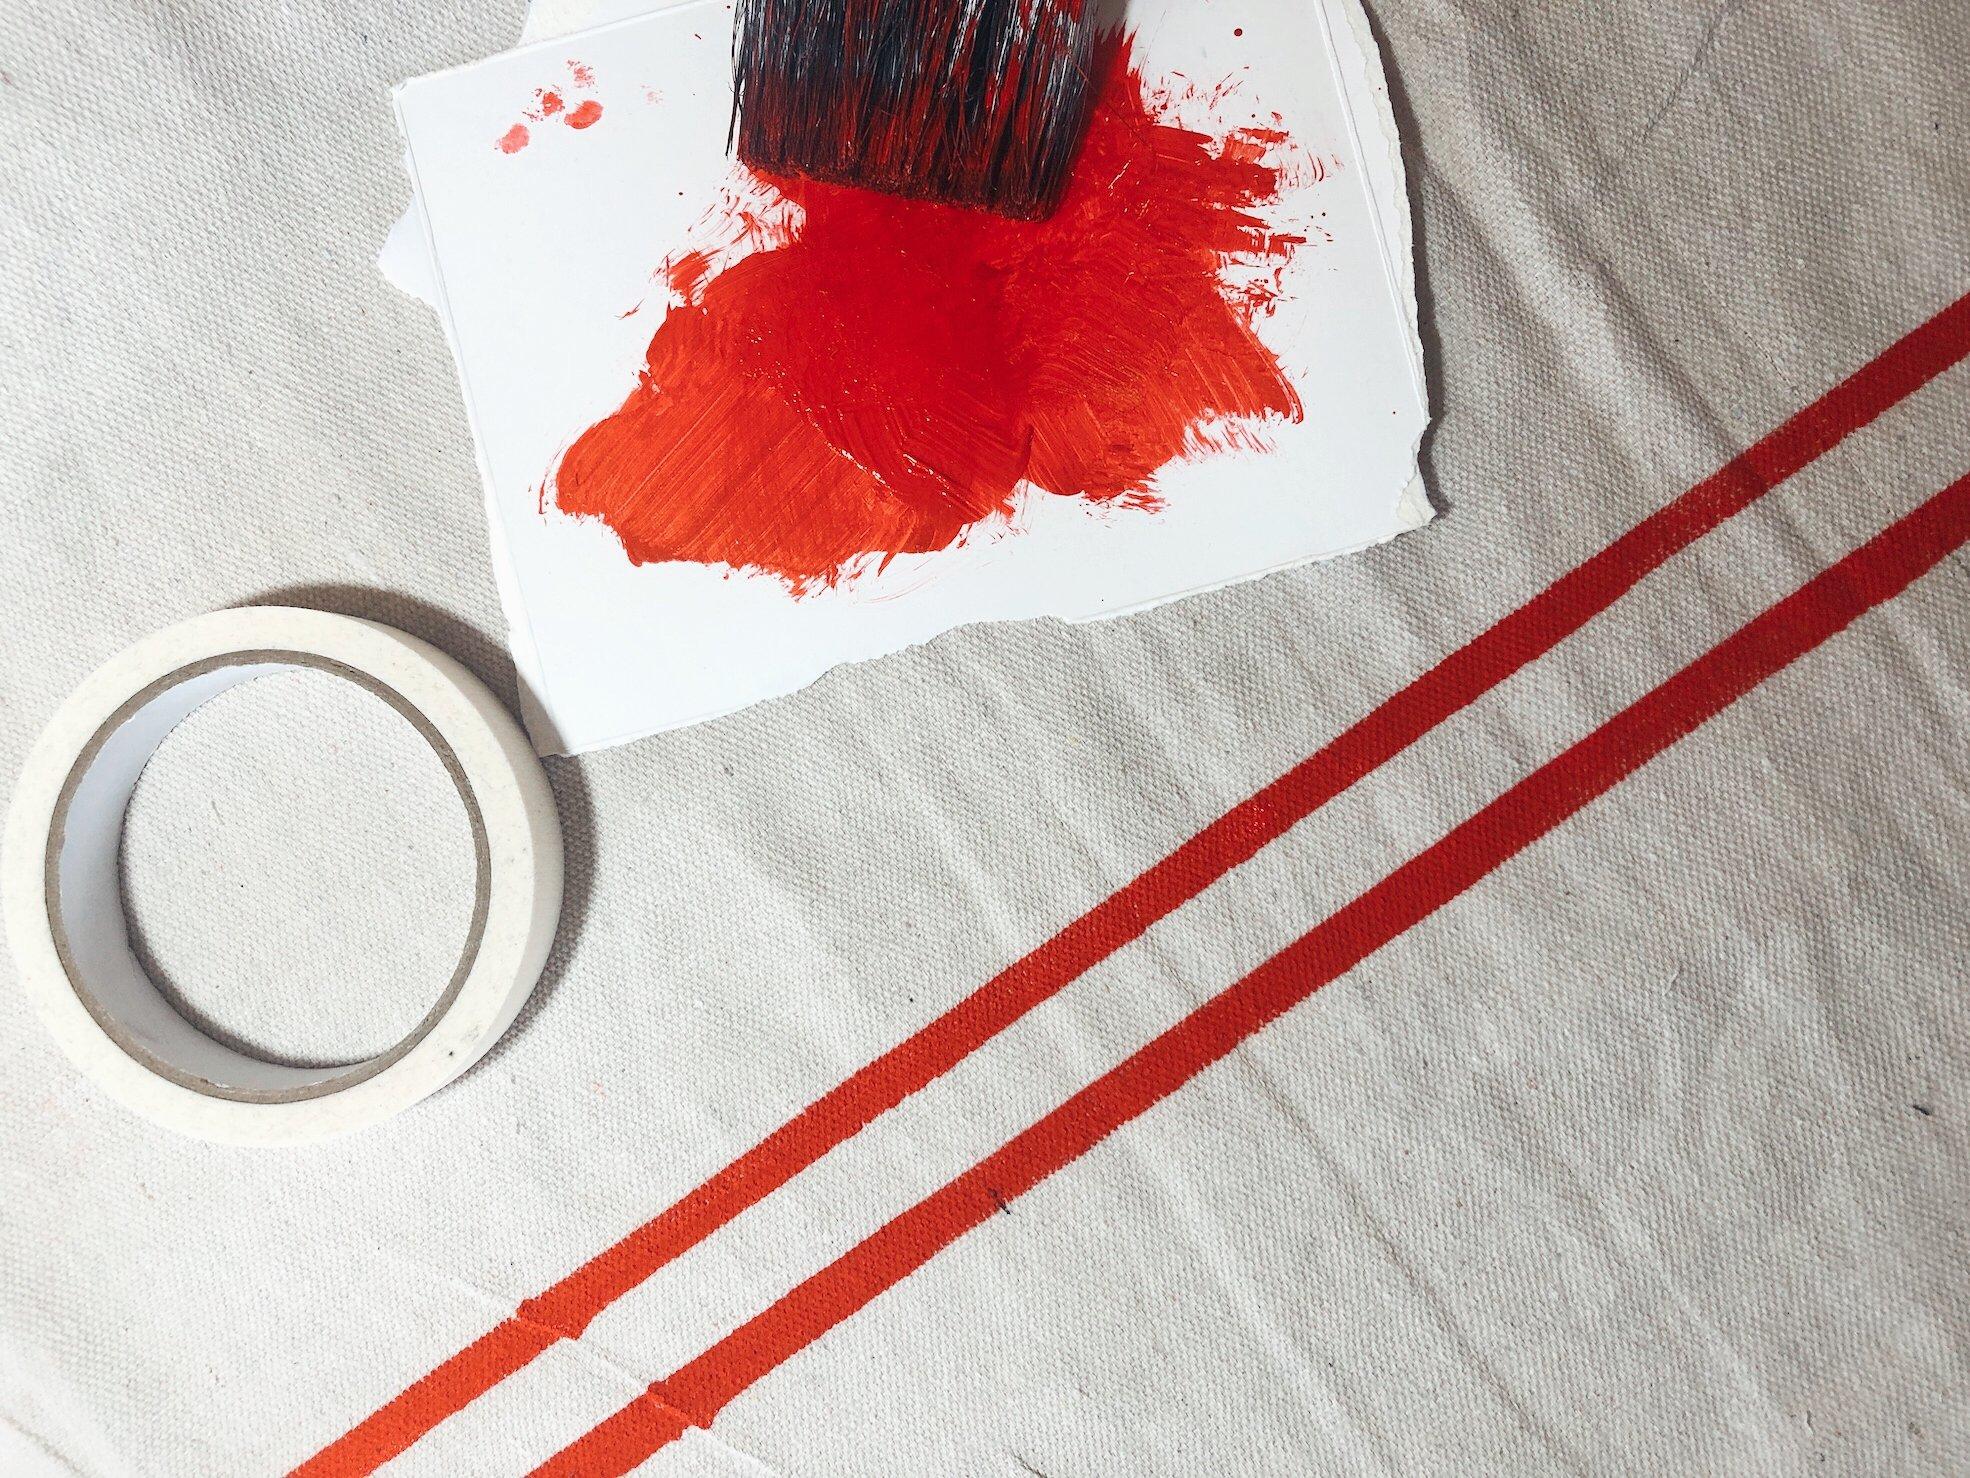 pulling off masking tape on grain sack